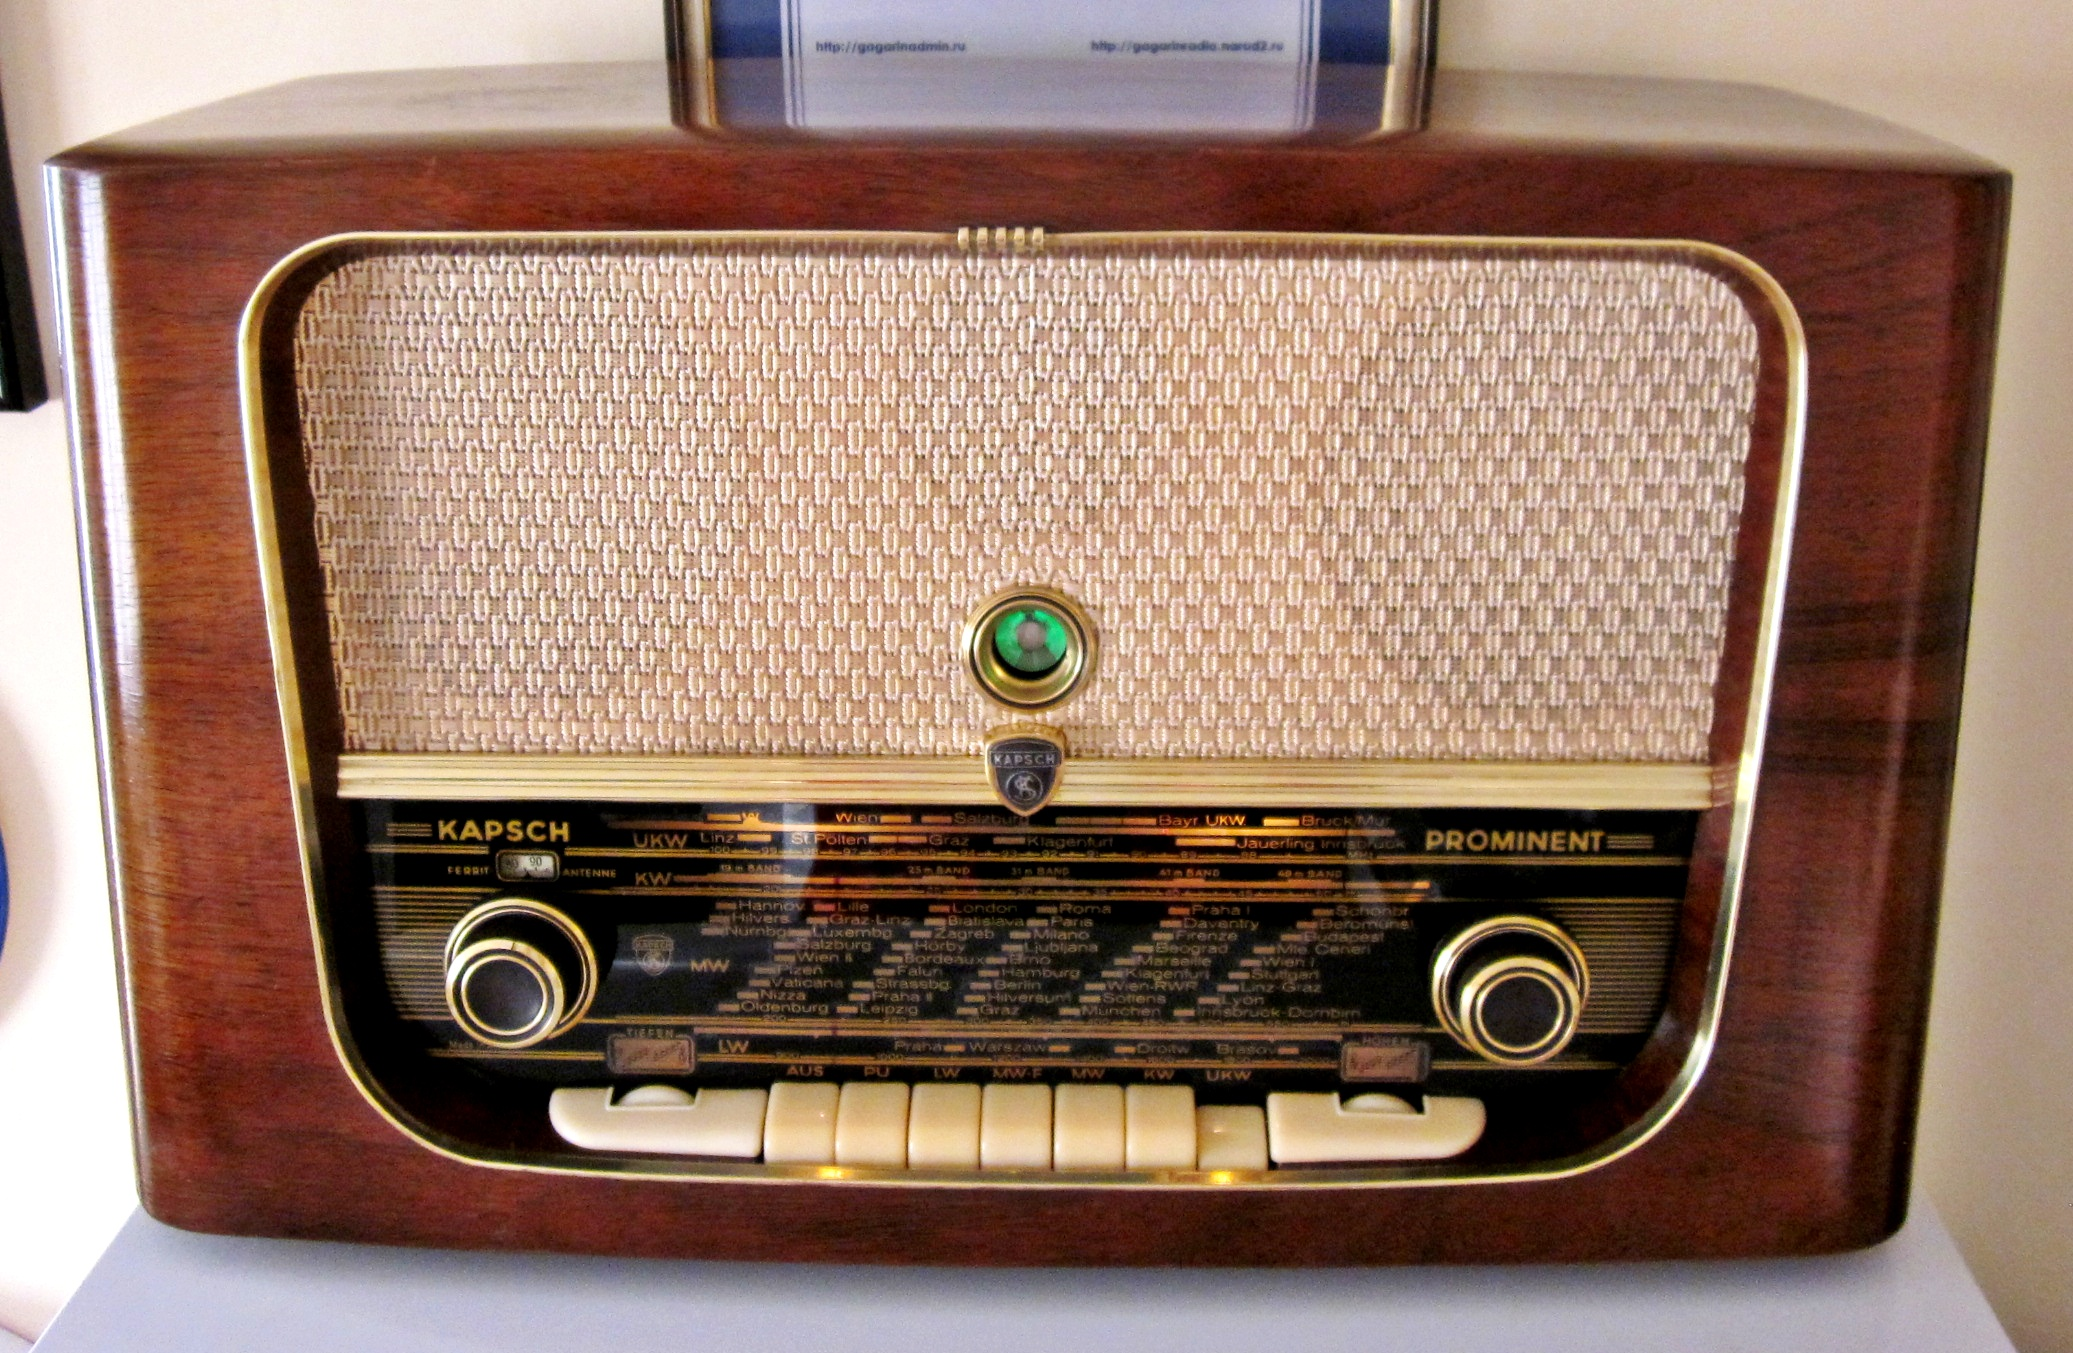 Ламповые радиоприёмники деда Панфила - Страница 4 B7885440892cce55c4cc38abd5fcaf66